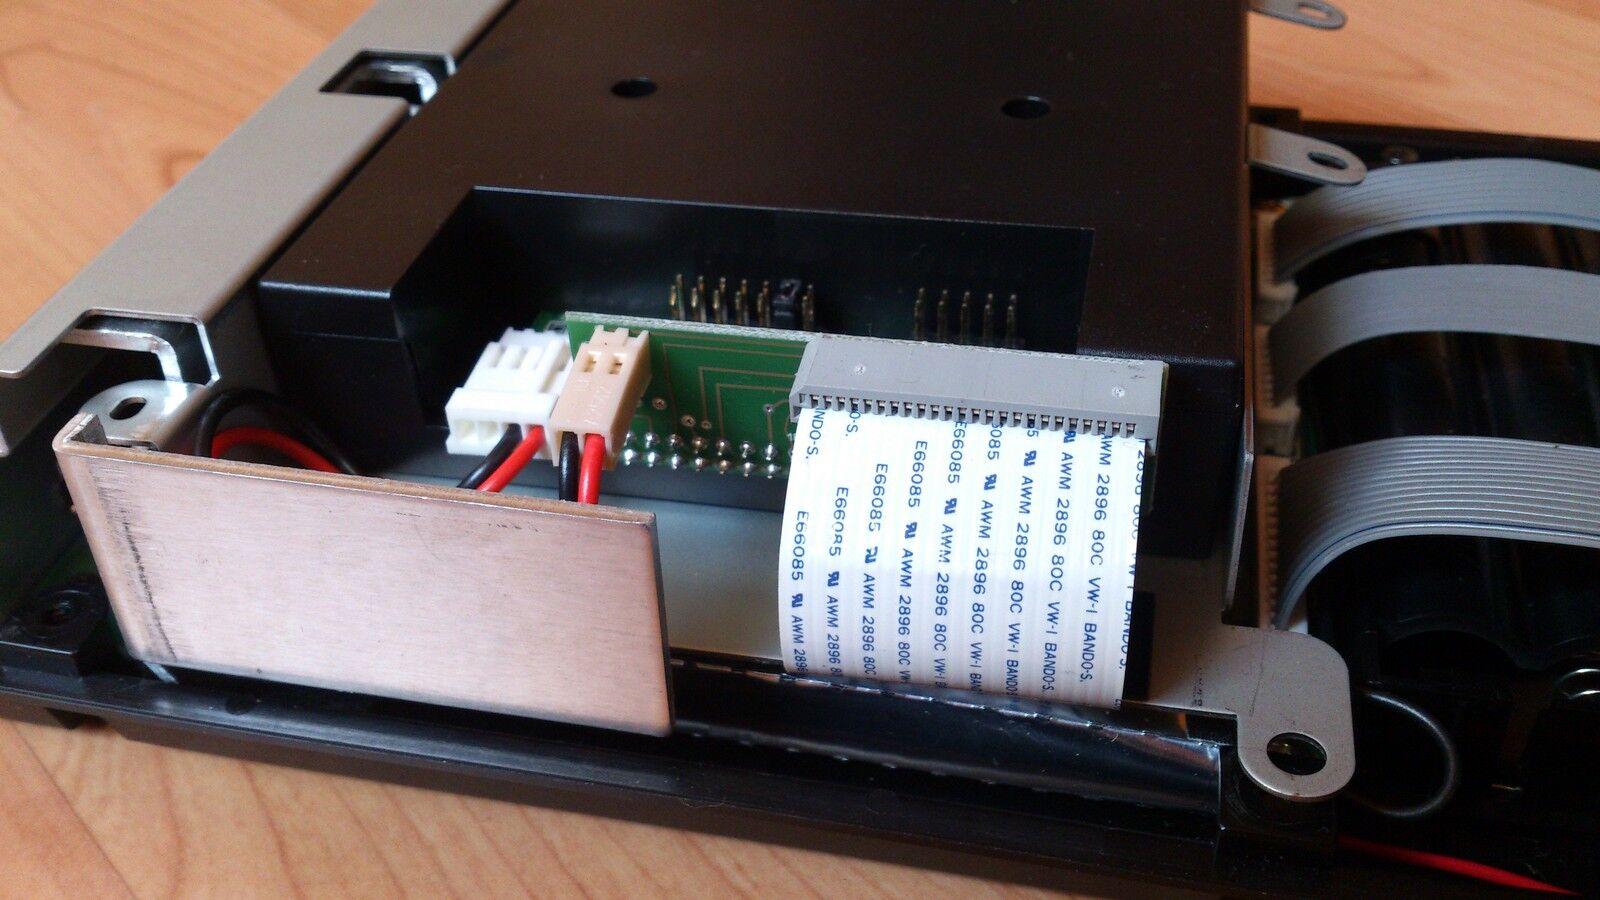 Adapter 24Pin Yamaha MDF 2 MDF2 Midi Data Filer Emulator SFRM72TU100K